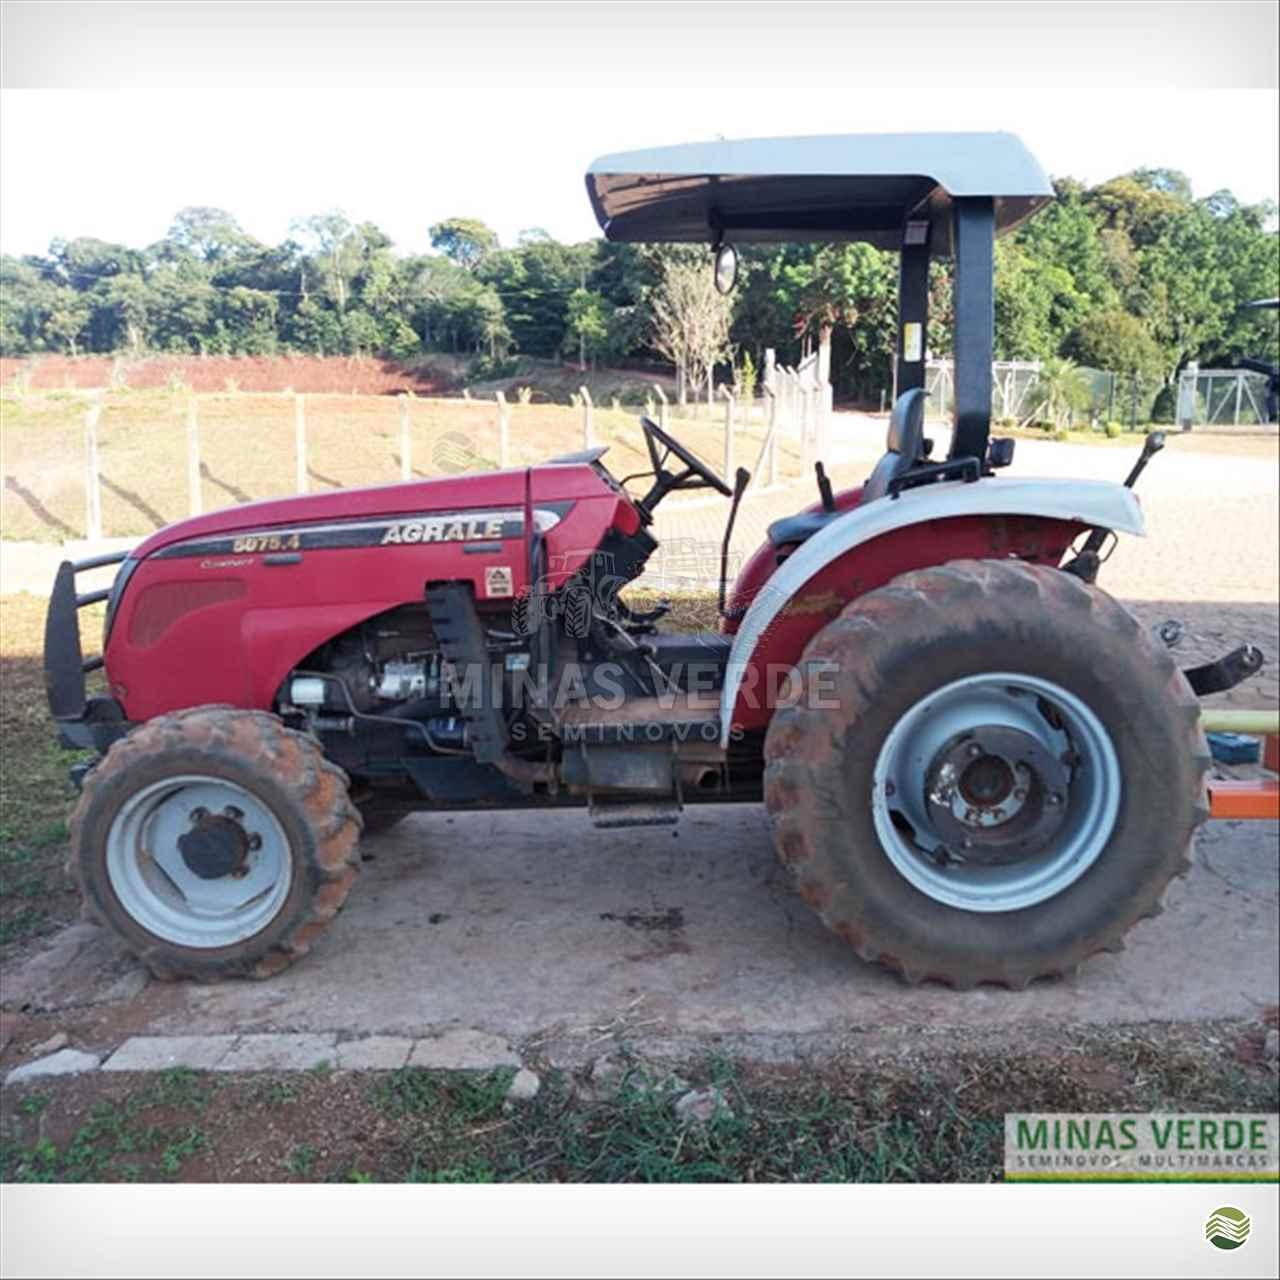 TRATOR AGRALE AGRALE 5075 Tração 4x4 Minas Verde - Semi Novos PERDOES MINAS GERAIS MG